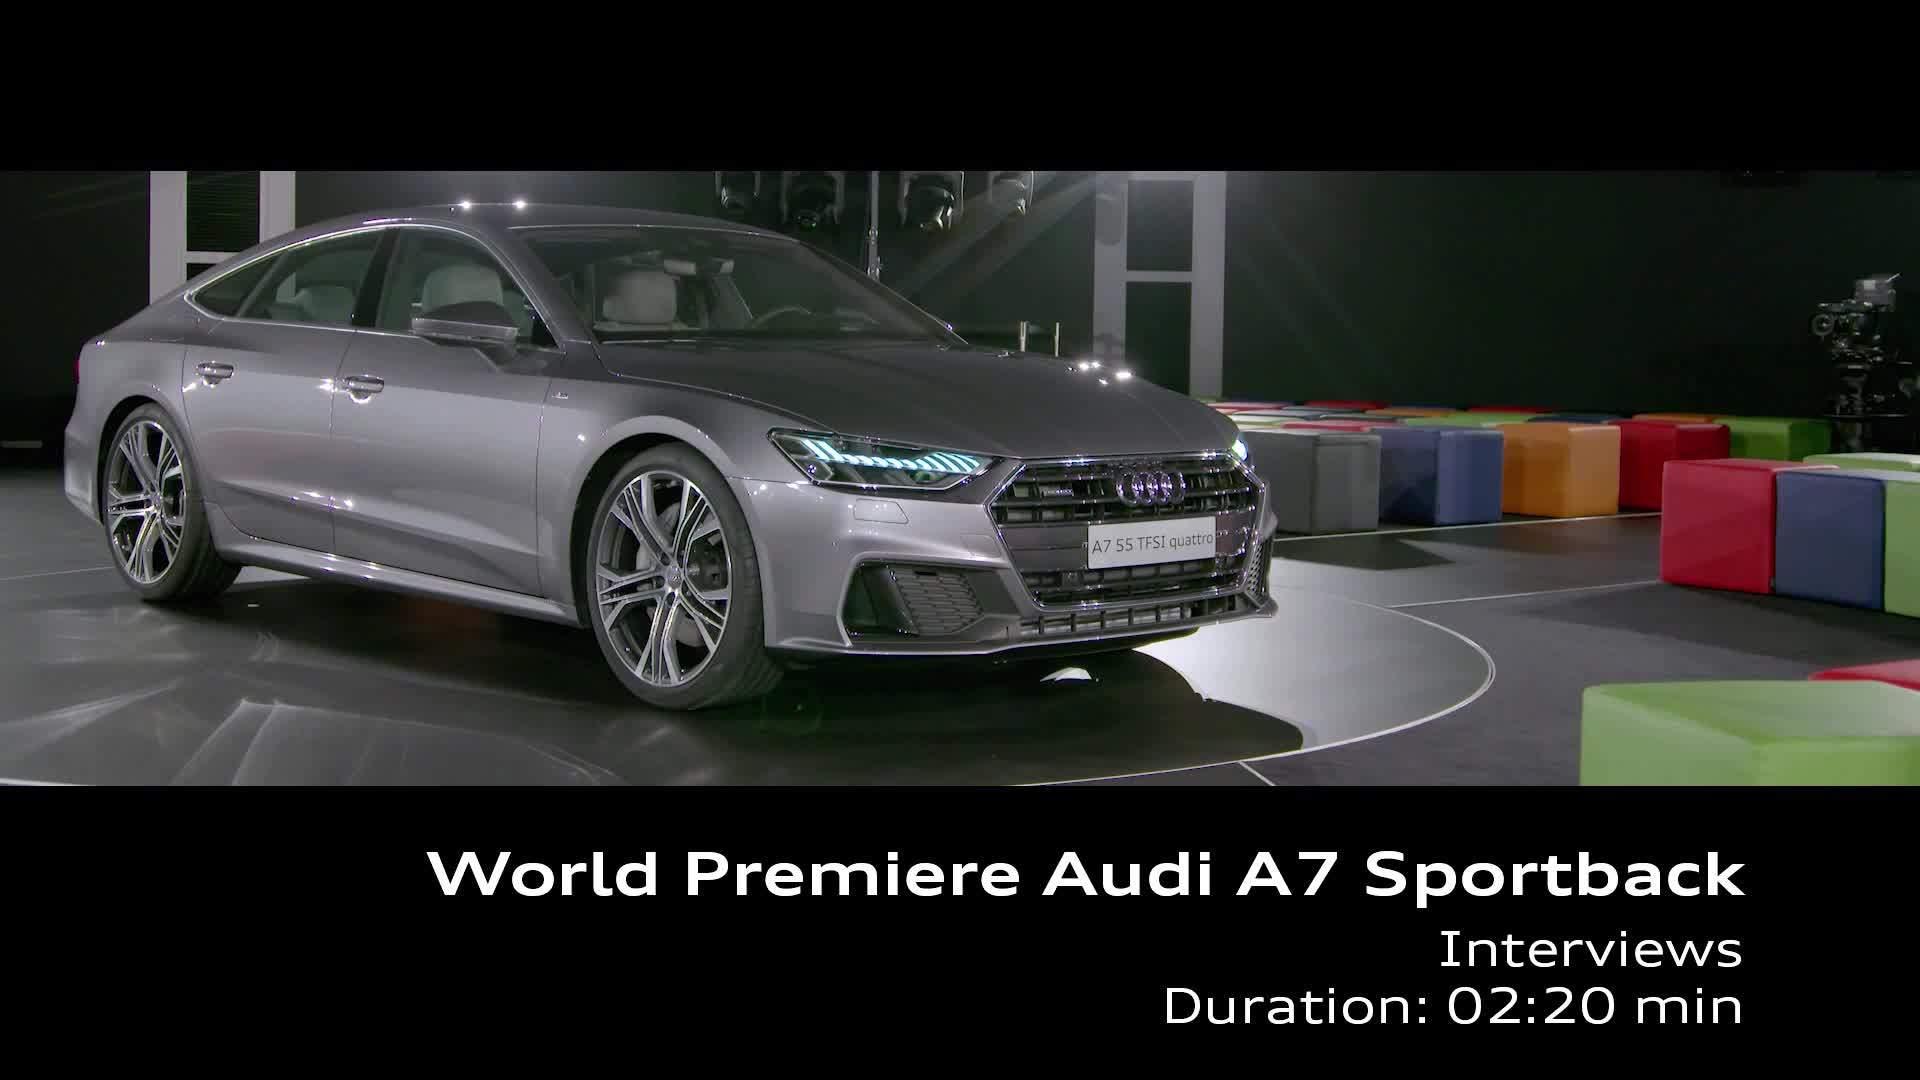 Audi A7 world premiere interviews Stadler, Mertens, Lichte